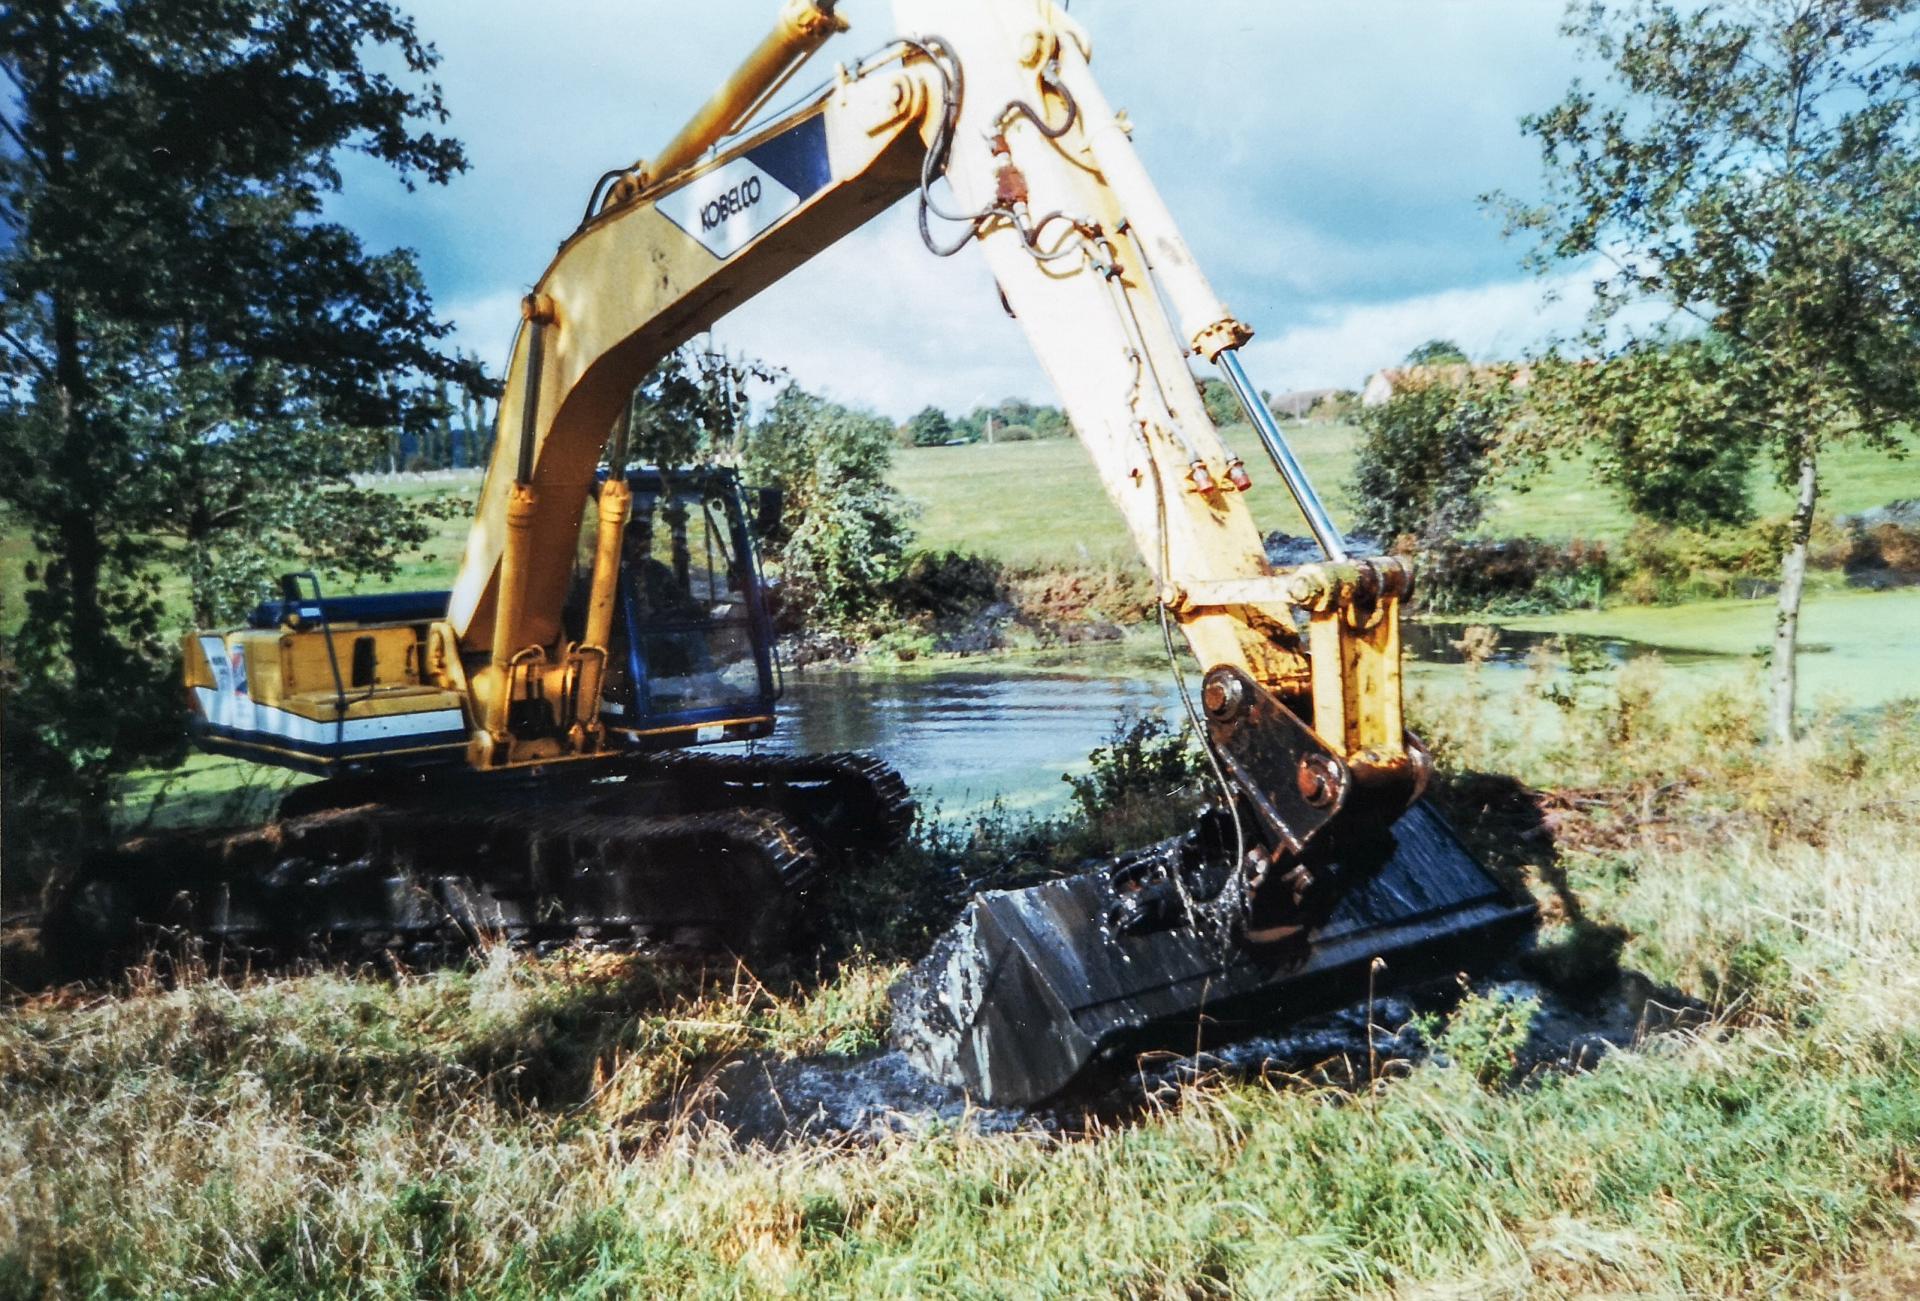 Der Wasser- und Bodenverband ließ den verschlammten Teich ausbaggern. Foto: Privat